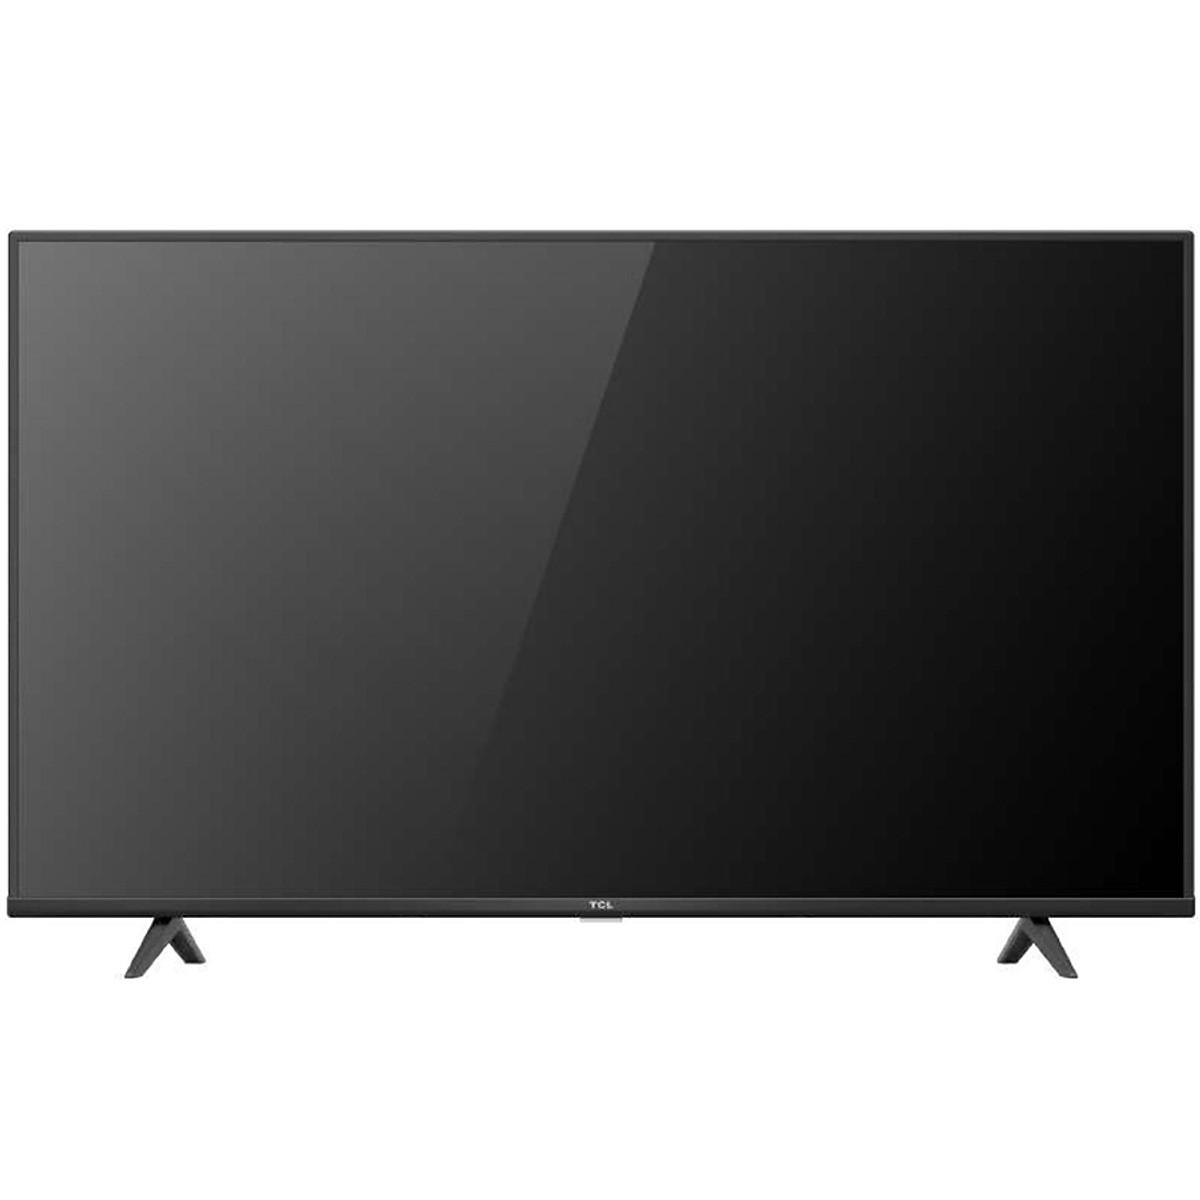 TV 65'' 4K UHD Android Tivi TCL 65T65 - Gam Màu Rộng , HDR , Dolby Audio - Hàng chính hãng